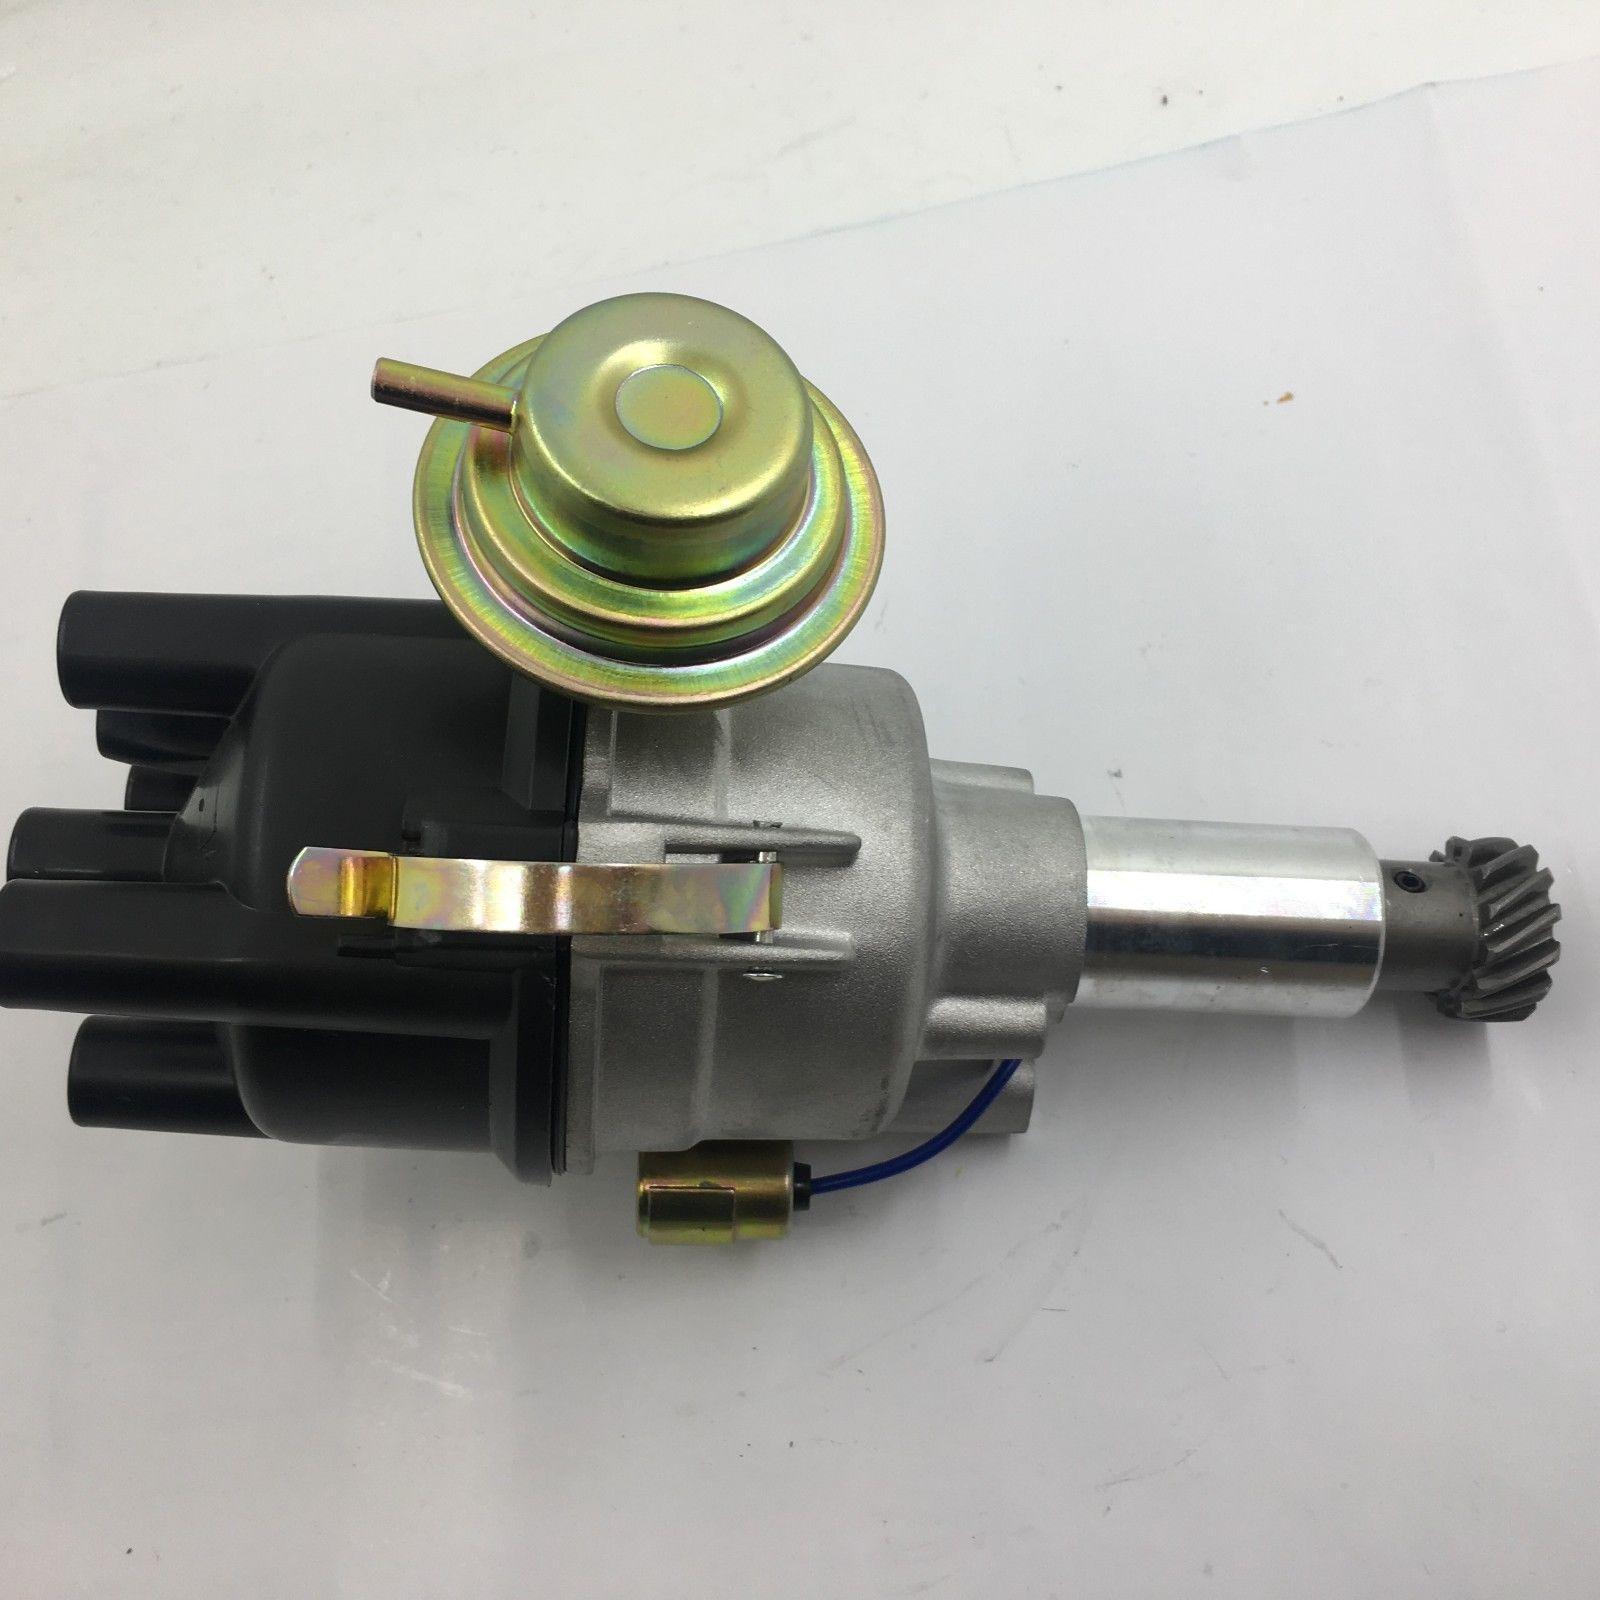 Dağıtıcı Noktası Ateşleme 1200 A12 Datsun sığdırmak (NISSAN B110 B210 B310 B120 için)